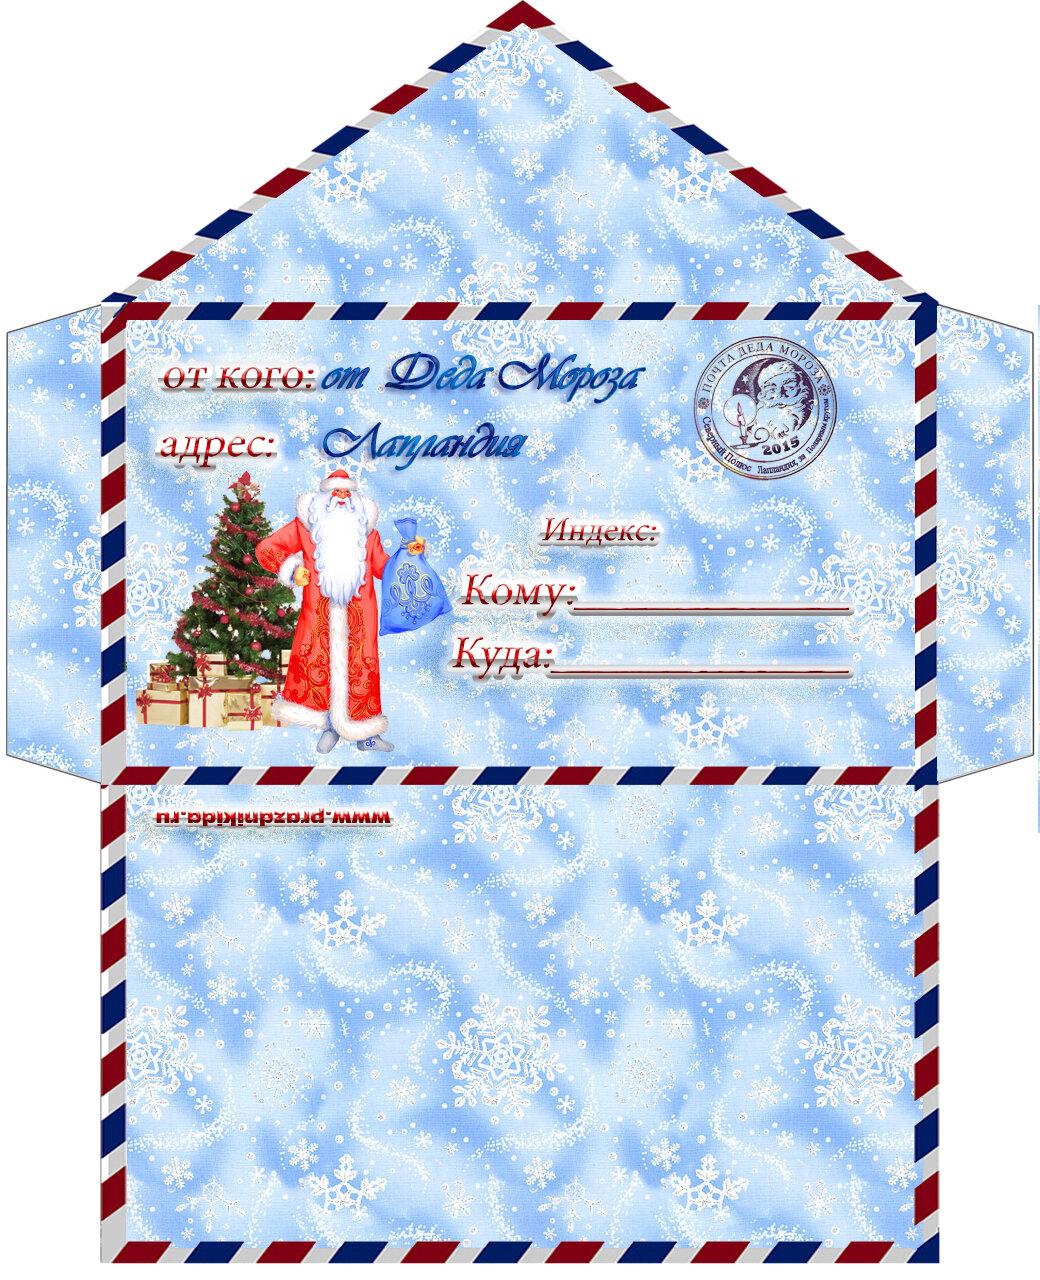 ещё картинка конверта для письма для деда мороза для